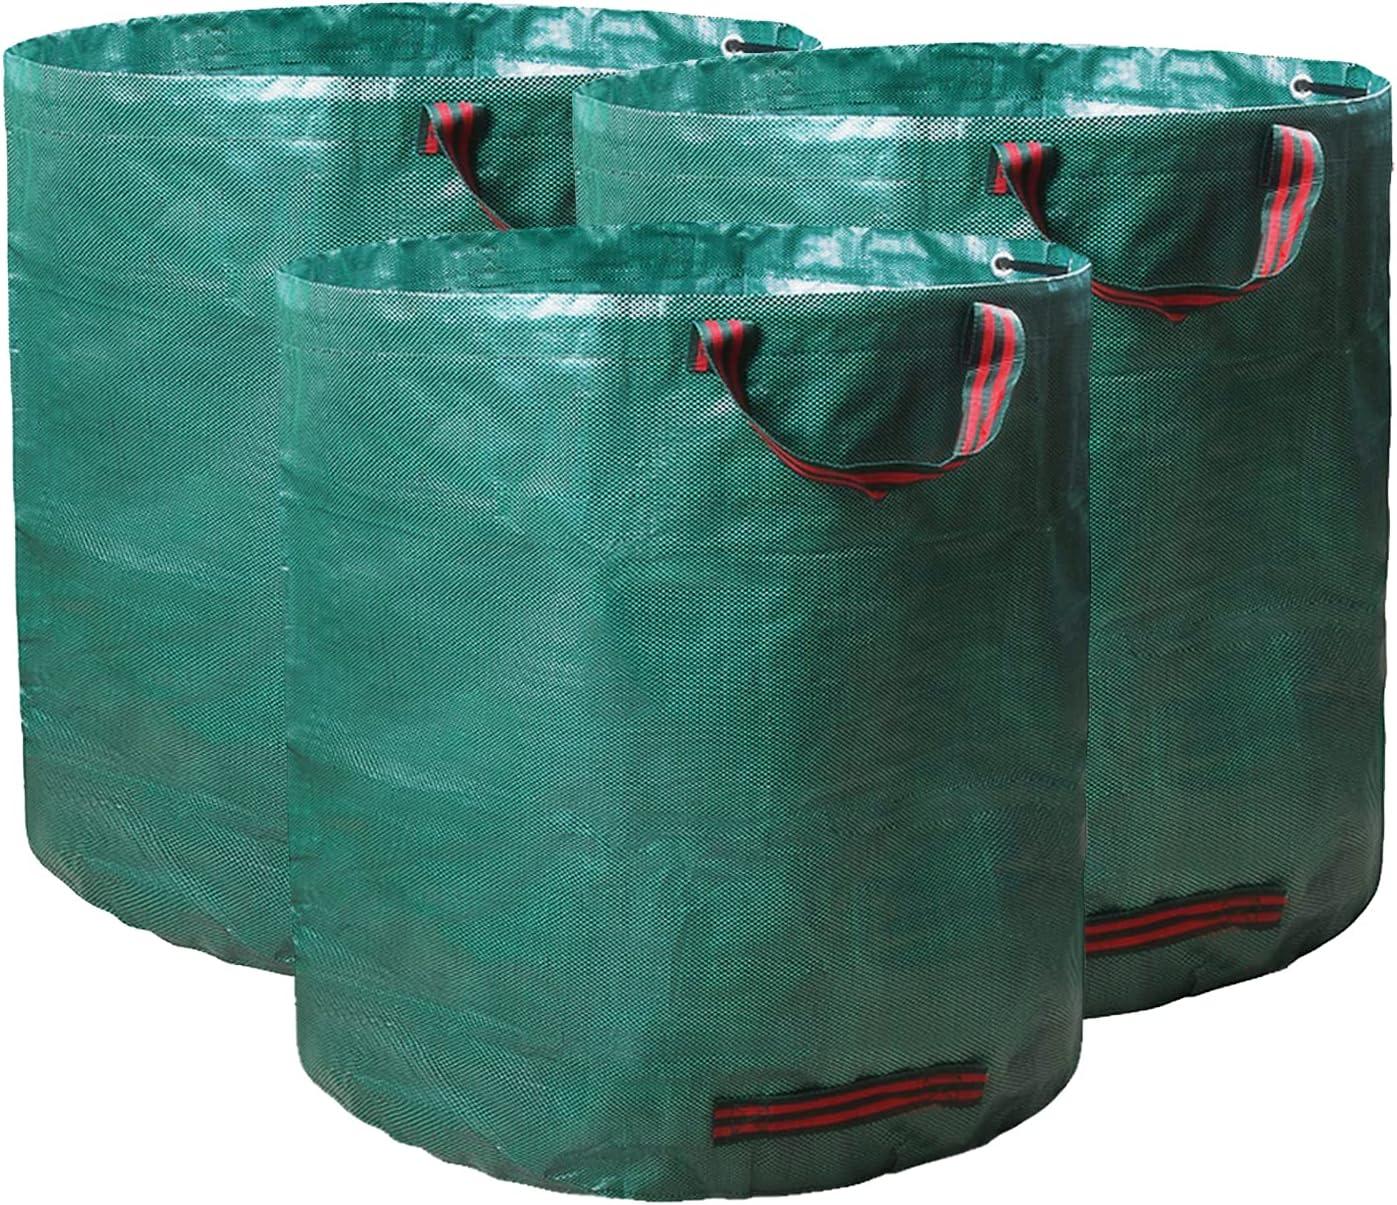 3 Pack Reuseable Garden Waste Bags - 32 Gal Large Leaf Bag Holder/ Heavy Duty Lawn Pool Yard Waste Bags/ Waterproof Debris Bag